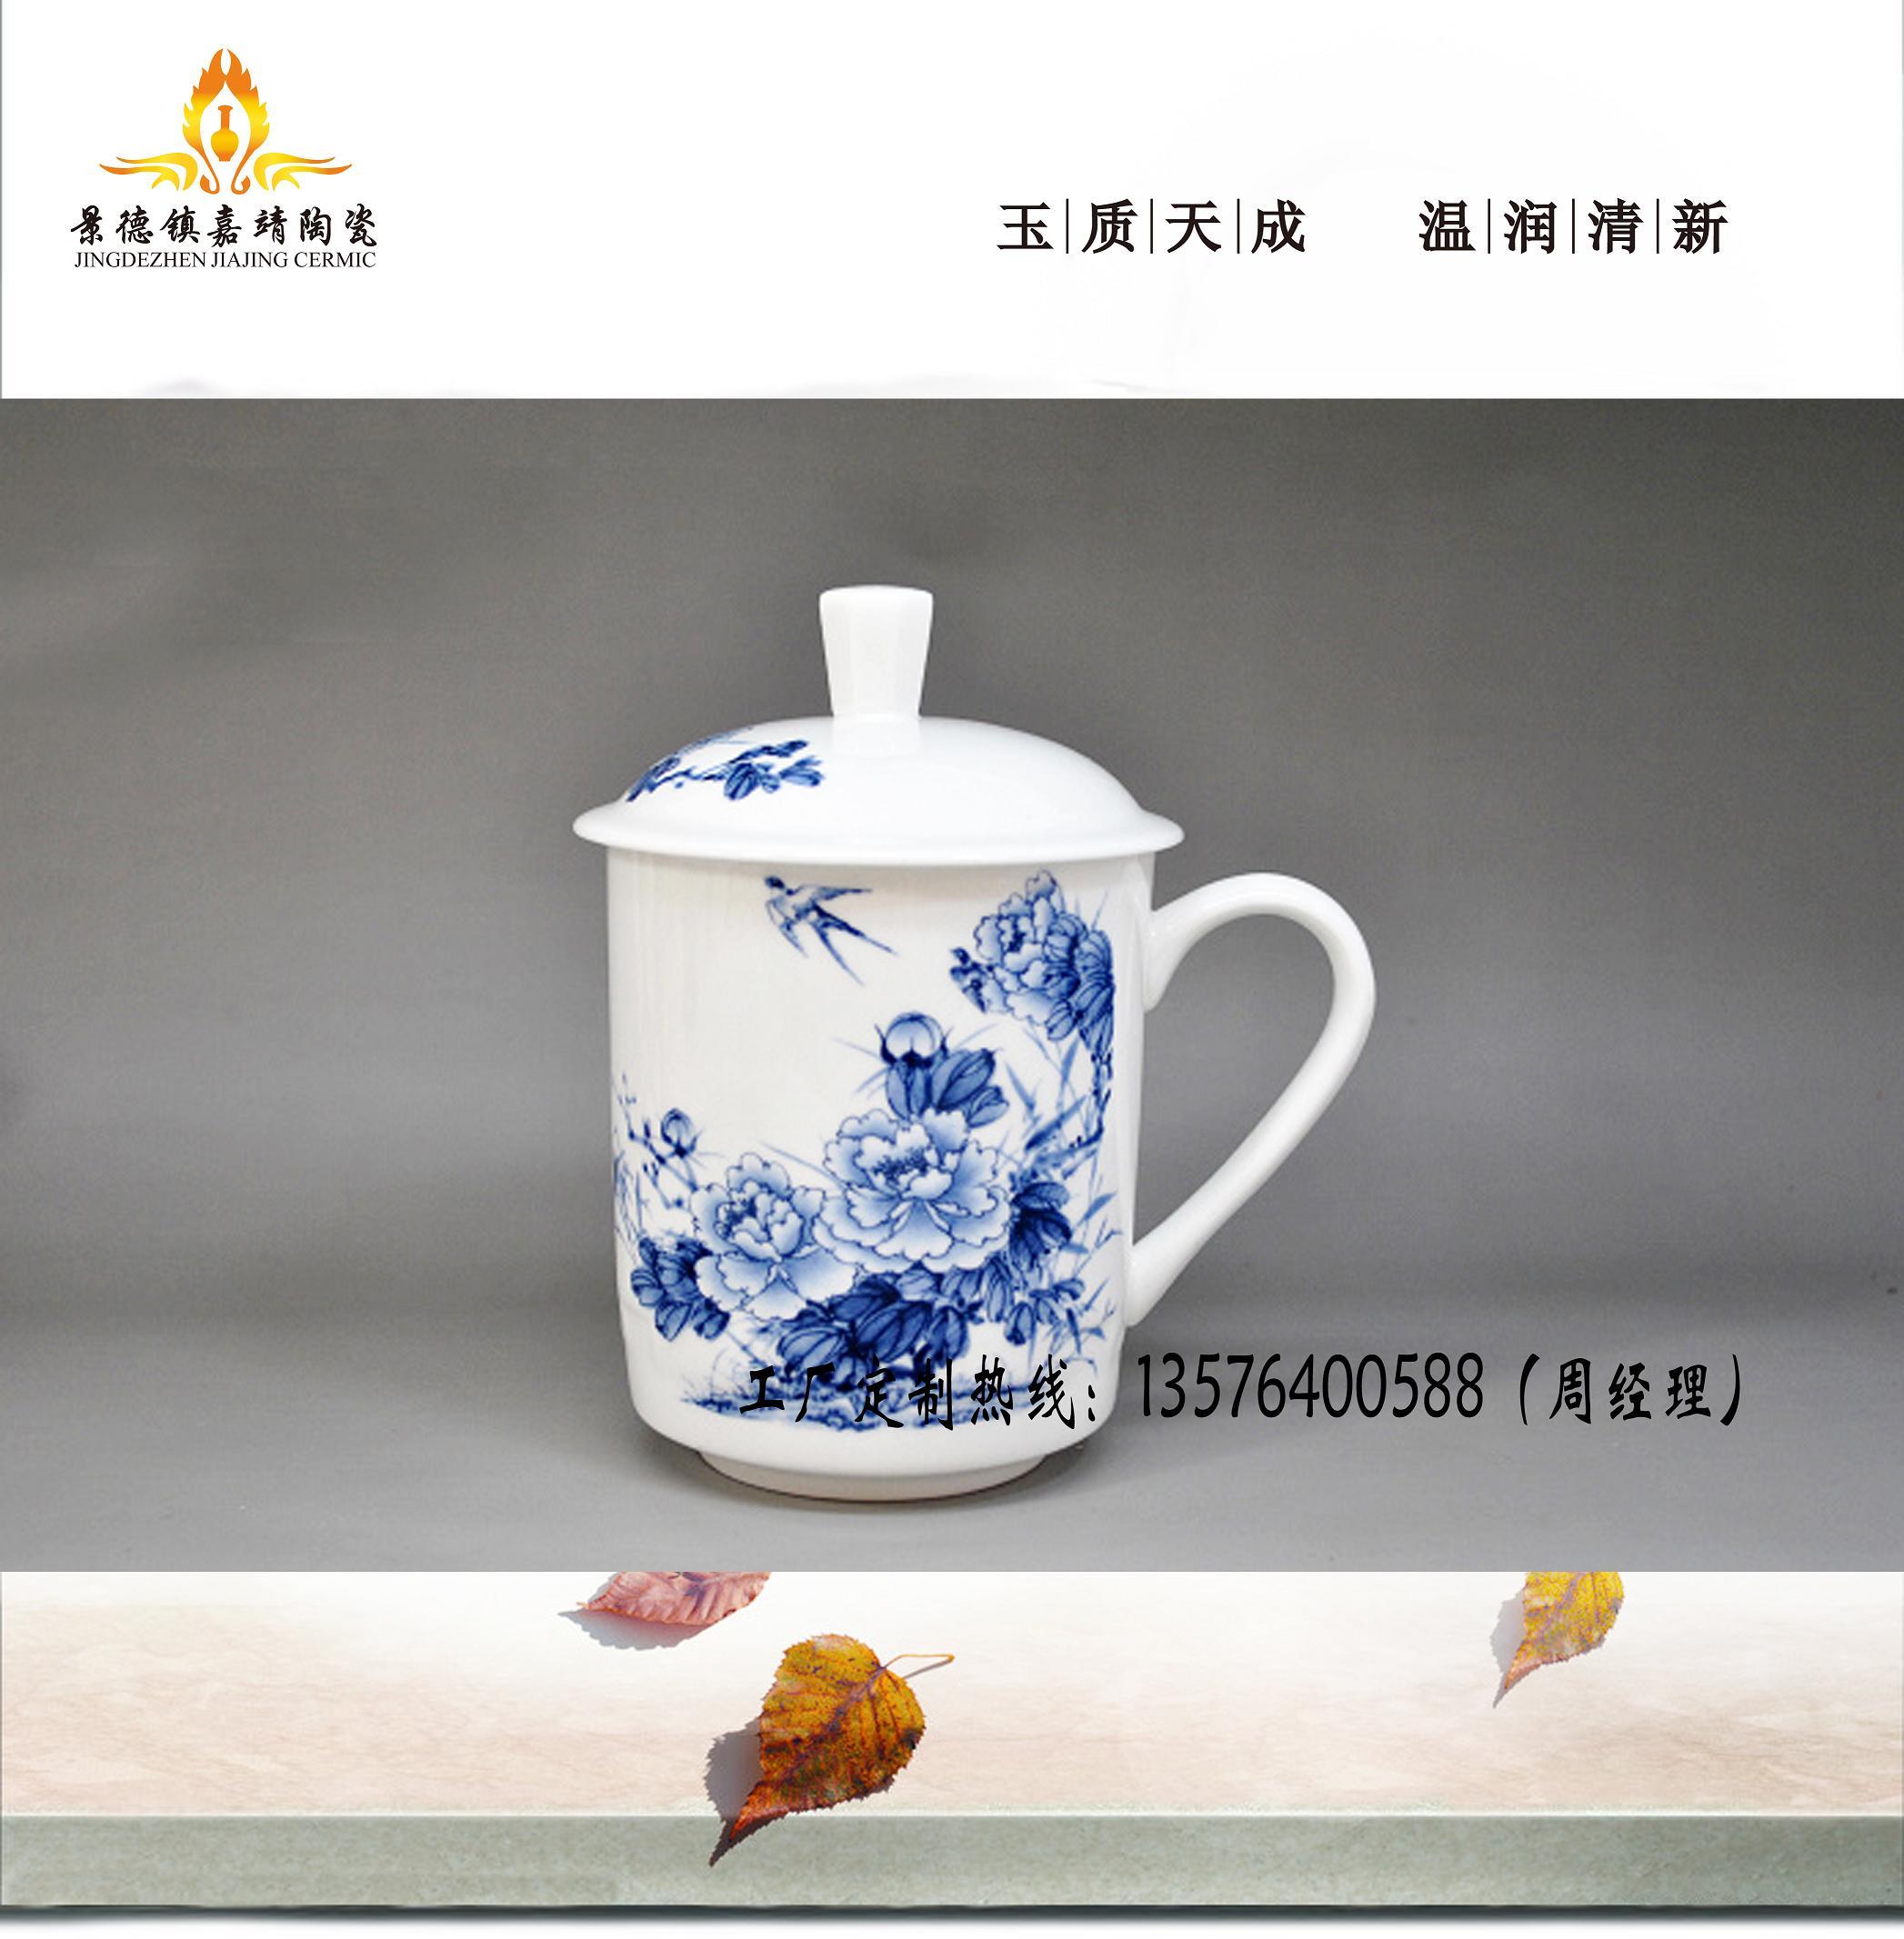 校庆礼品纪念茶杯-【效果图,产品图,型号图,工